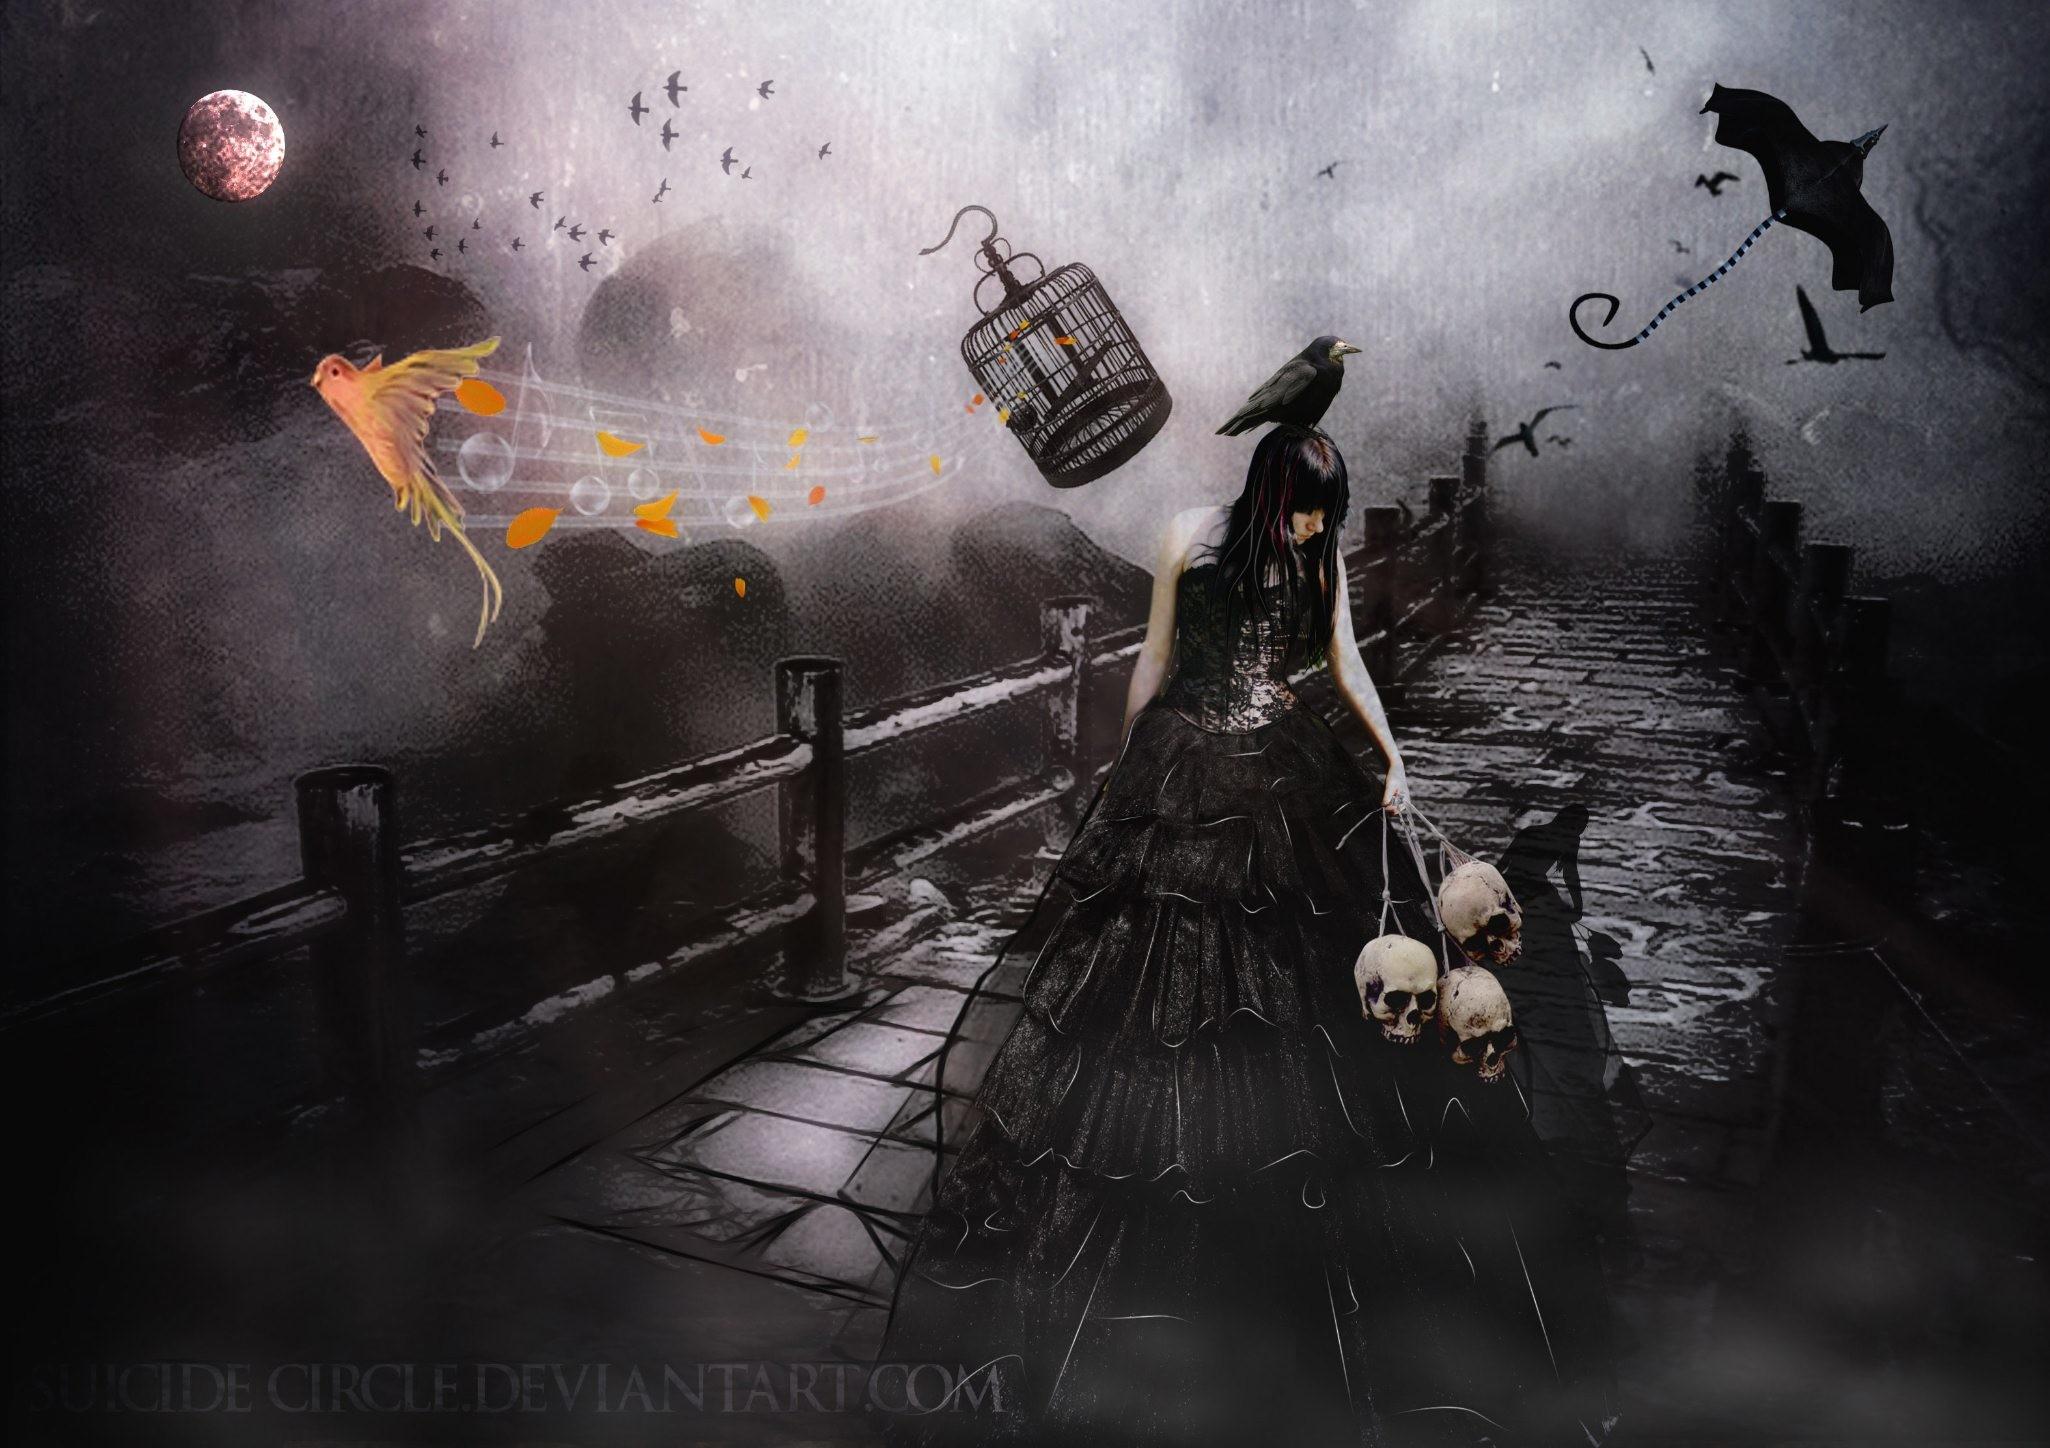 Bildergebnis für gothic wallpaper rose | gohtic and dark | Pinterest | Gothic  wallpaper